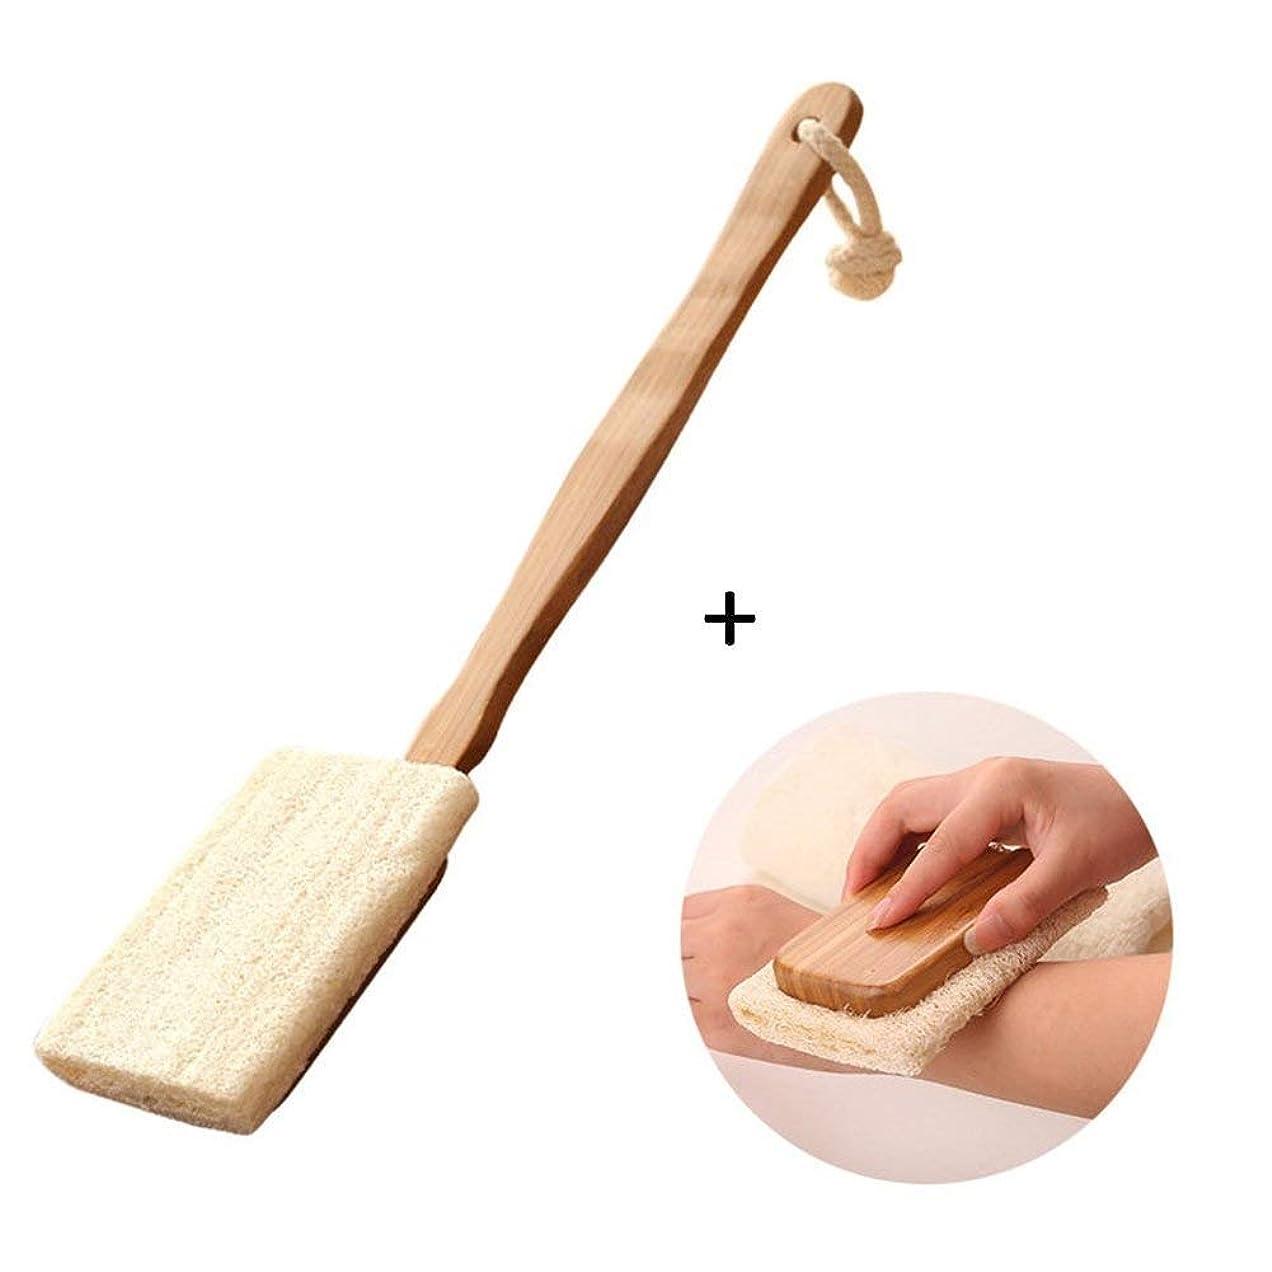 労働風邪をひく矢WJMLS スティックの自然角質除去ヘチマブラシ-男性用と女性用の長い木製ハンドルバックブラシ付き-シャワースポンジボディバックスクラバー (Color : B)